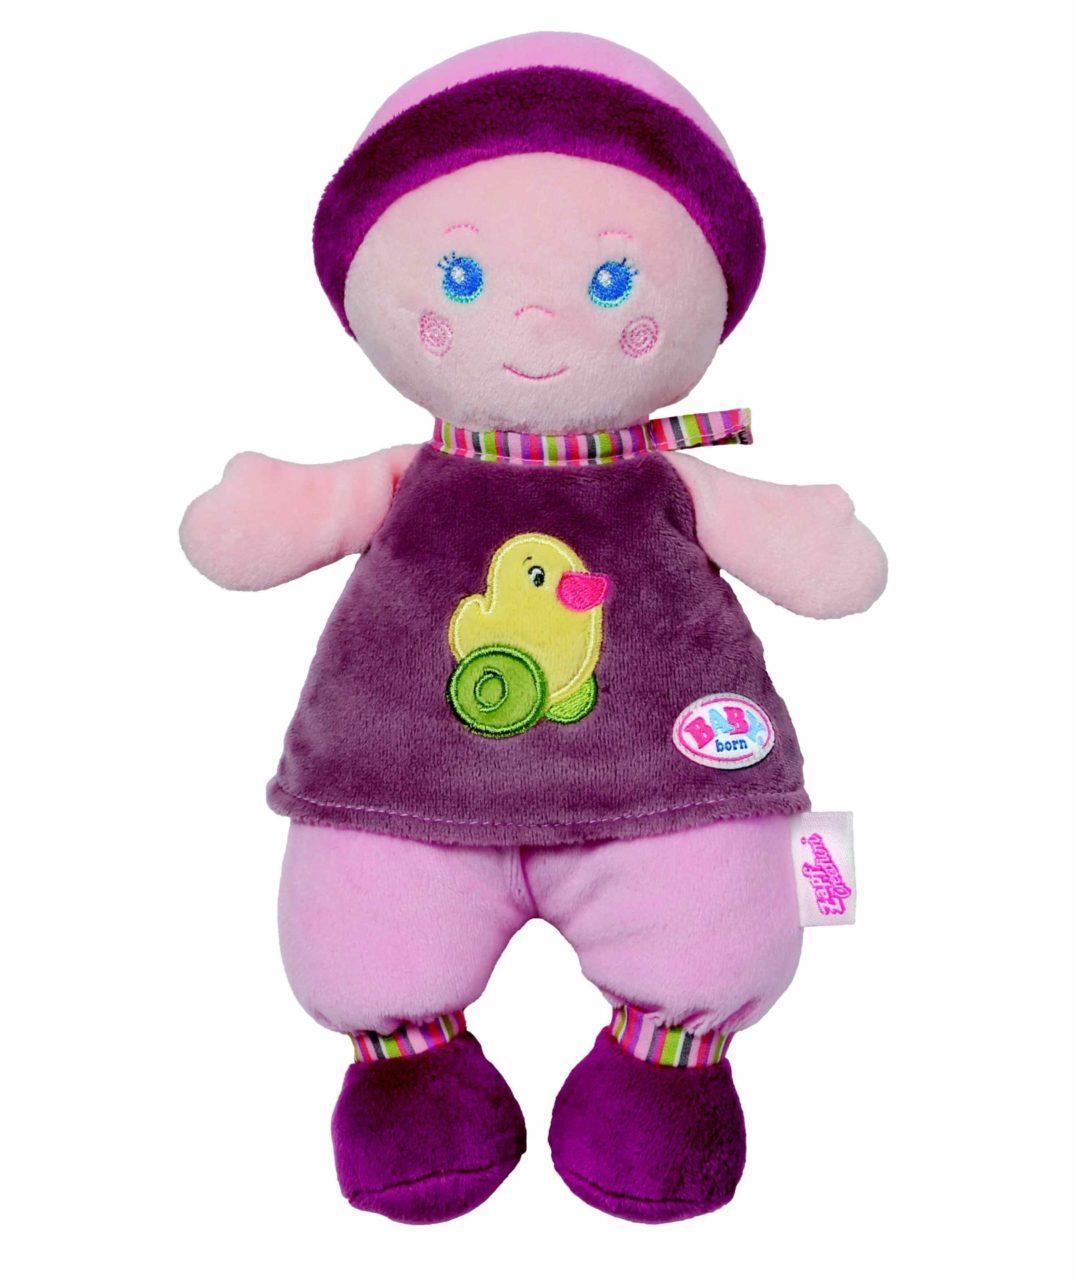 821756 BABY born for babies Velká panenka pro miminka_low